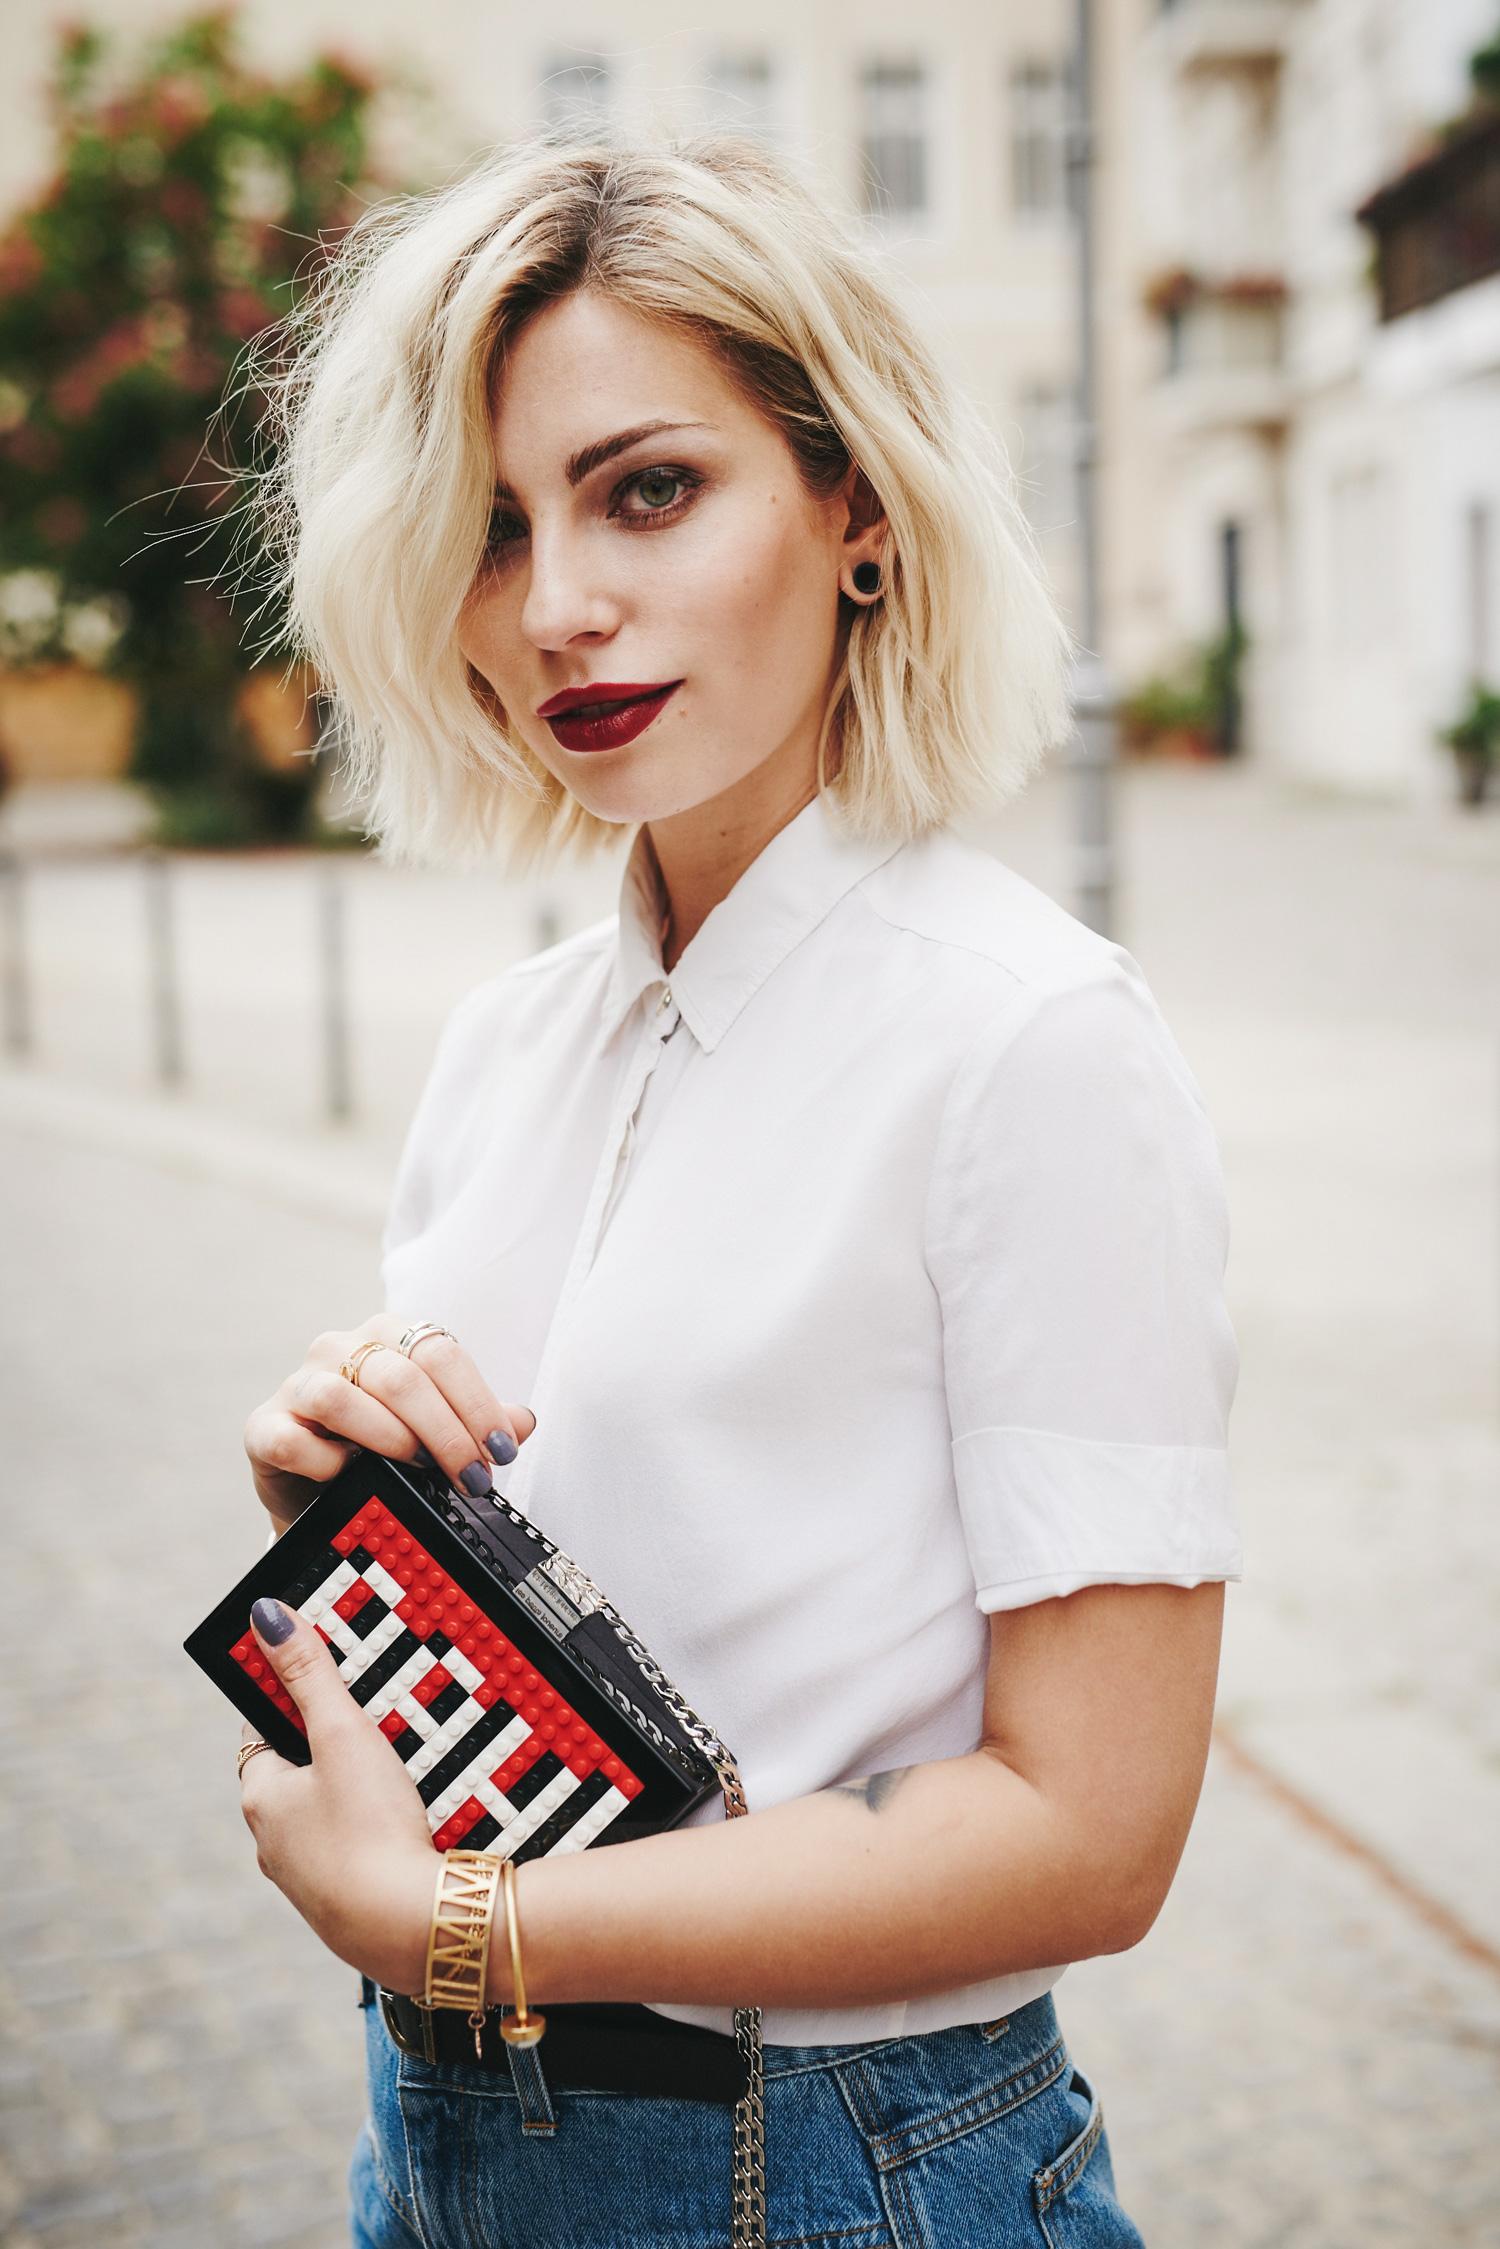 Französischer Chic